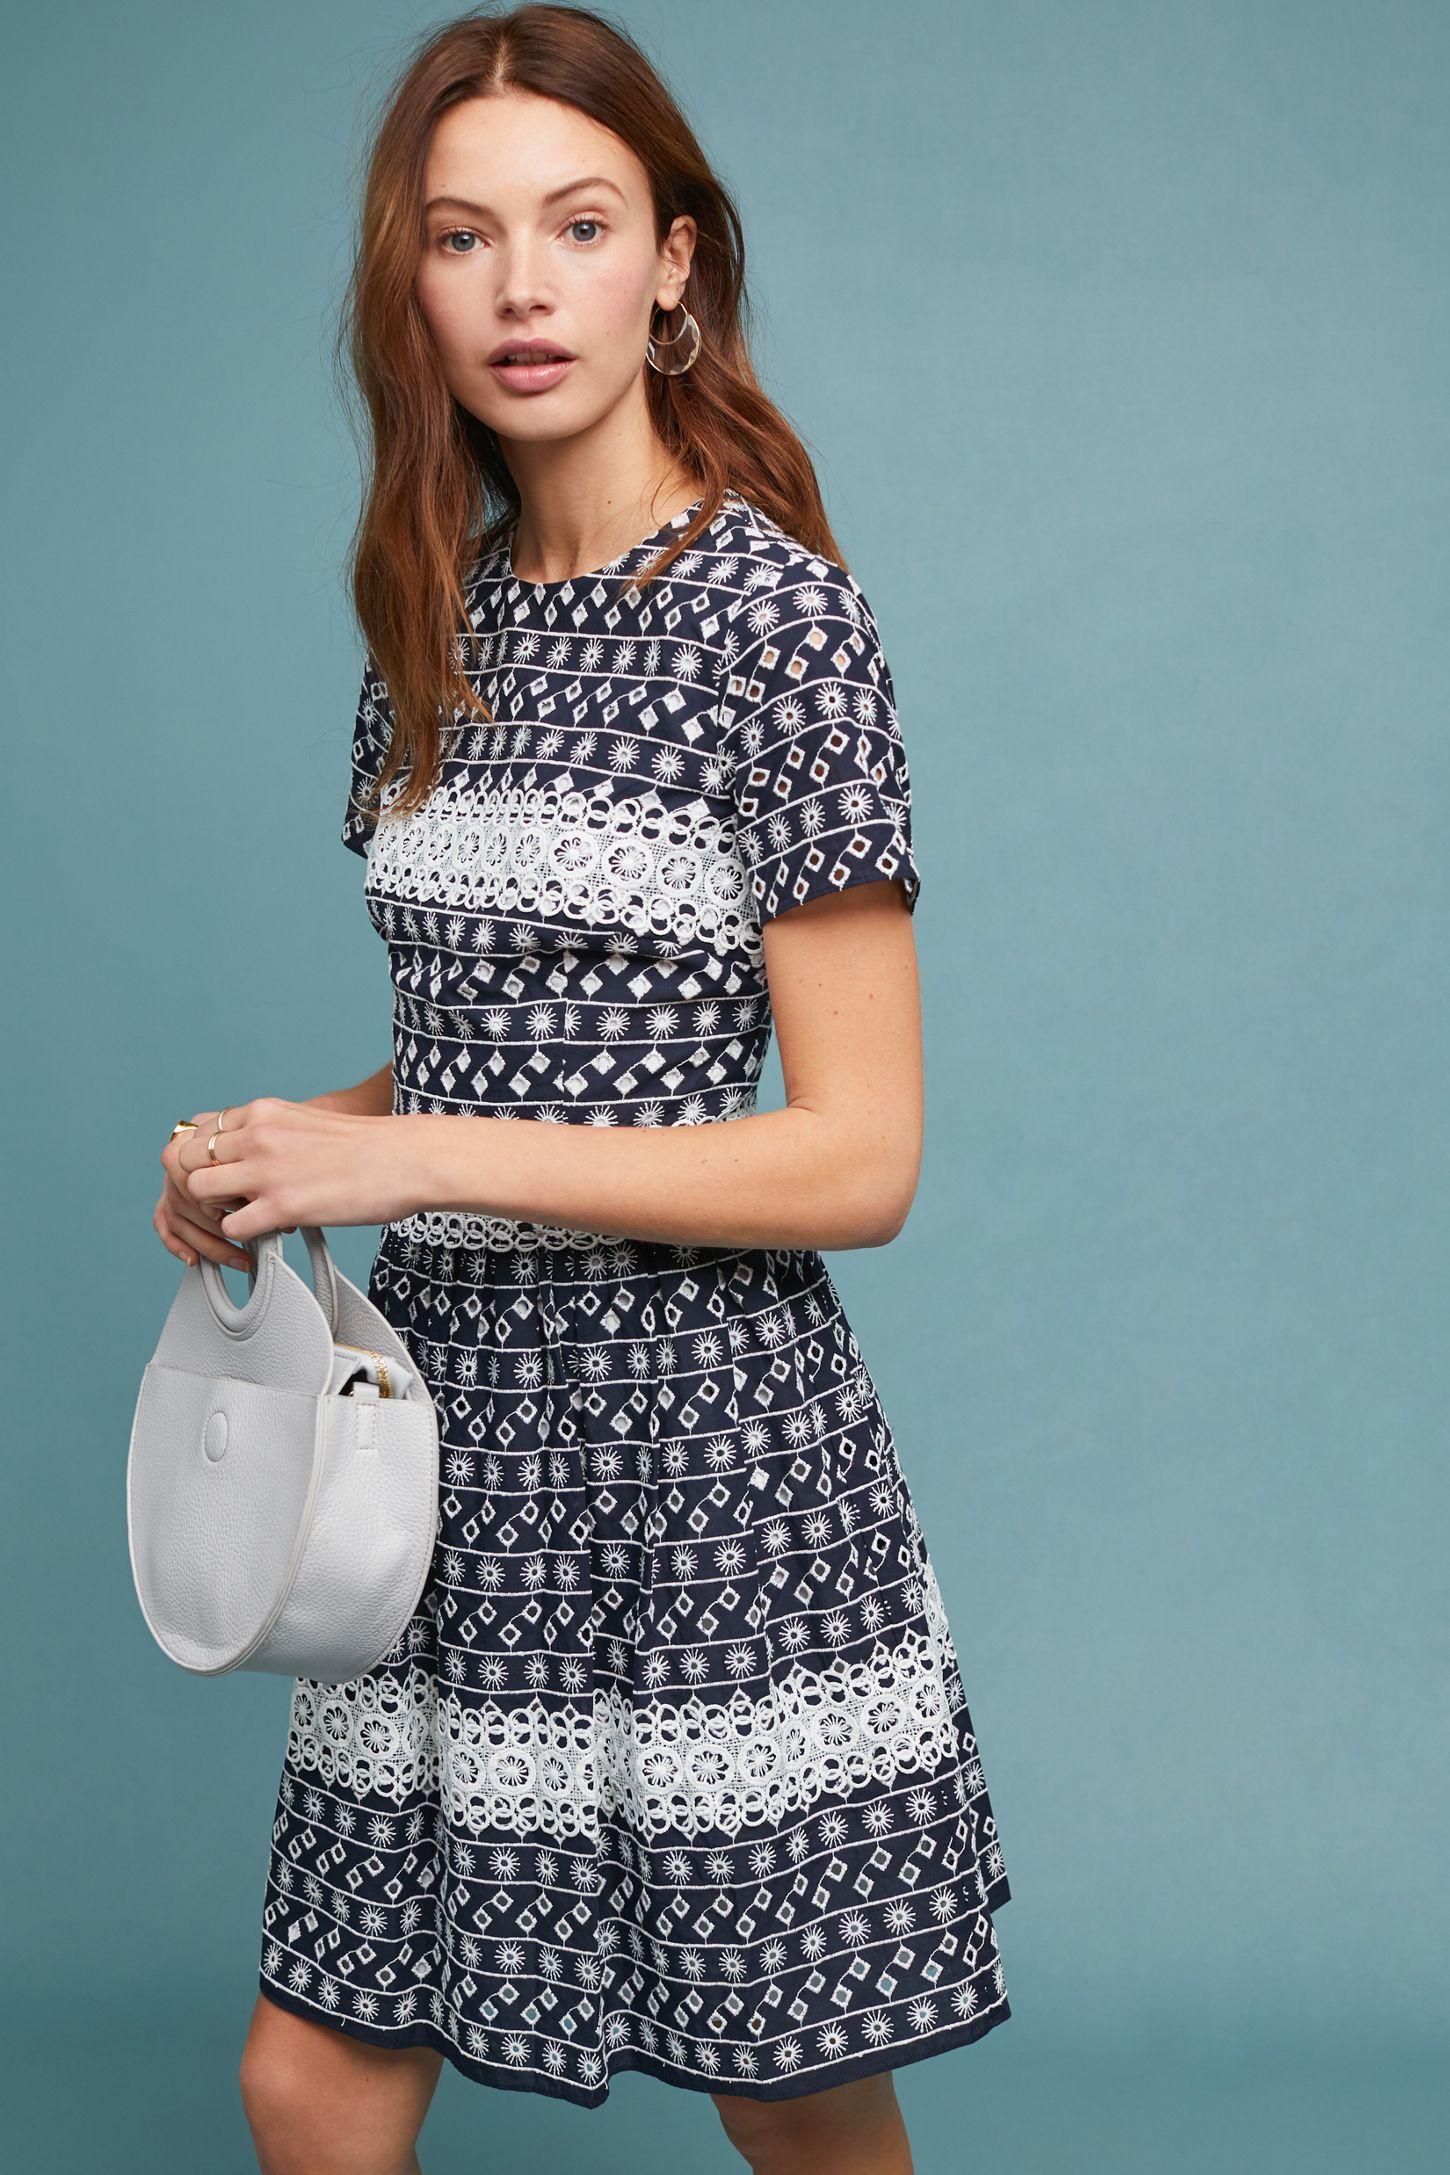 c89e17f6a92a ML Monique Lhuillier Aleria Lace Dress | Anthropologie